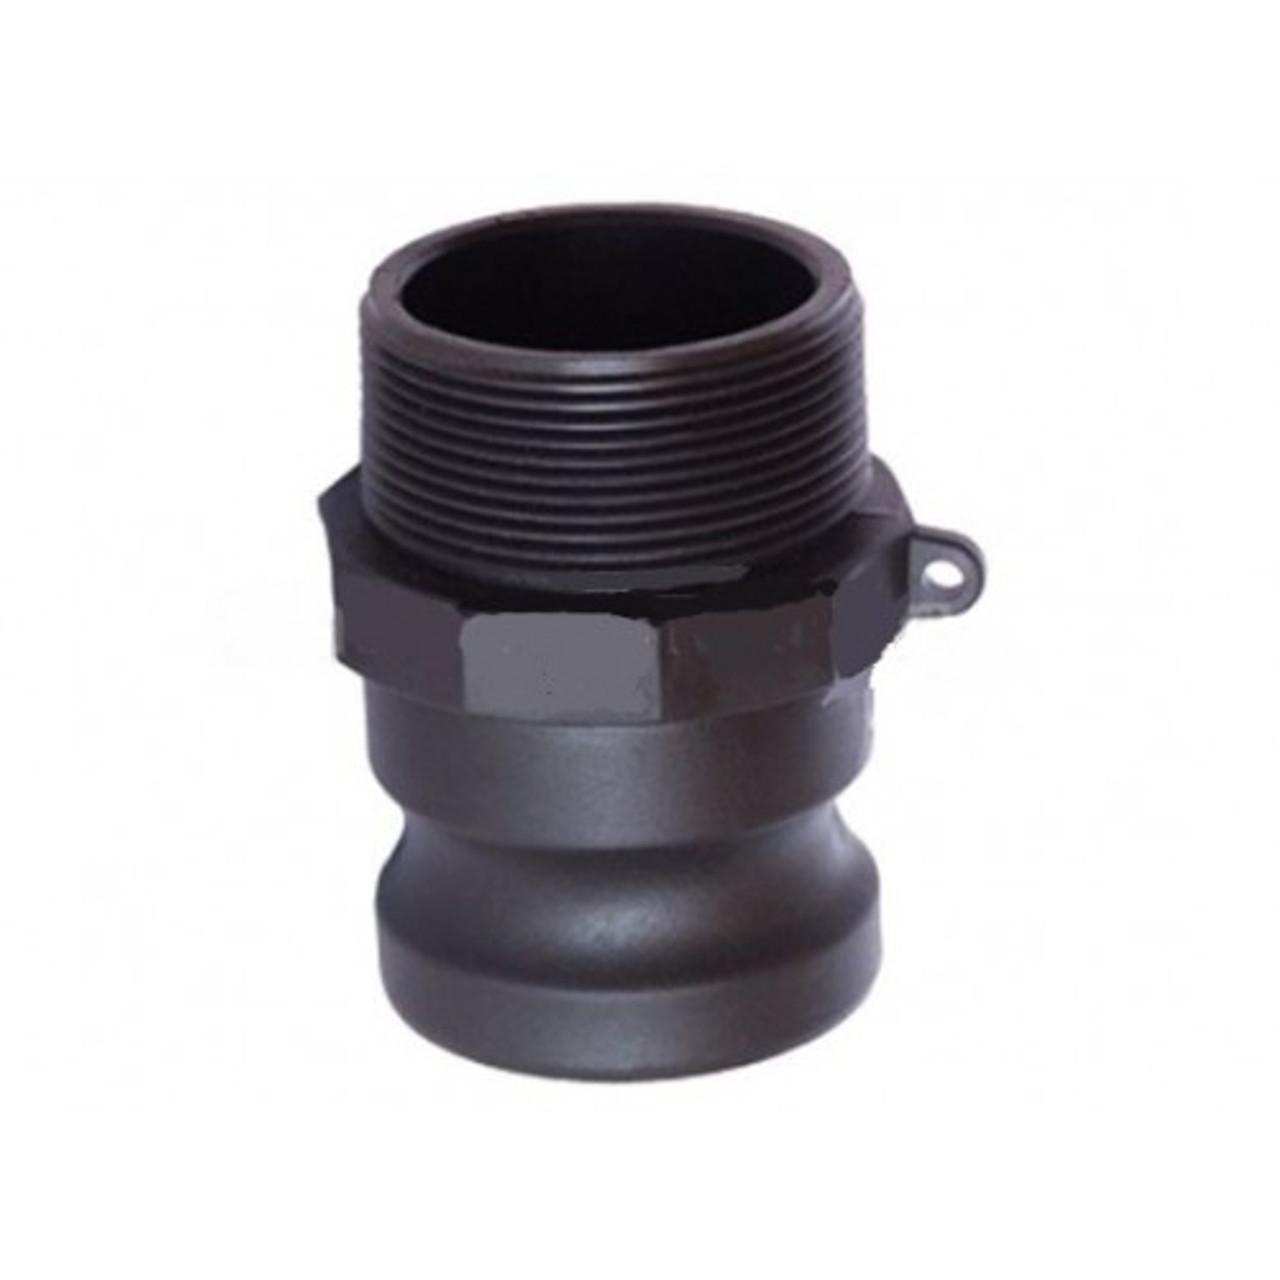 50mm 'F' - 50mm Male Camlock Adaptor x 50mm Male BSP Thread